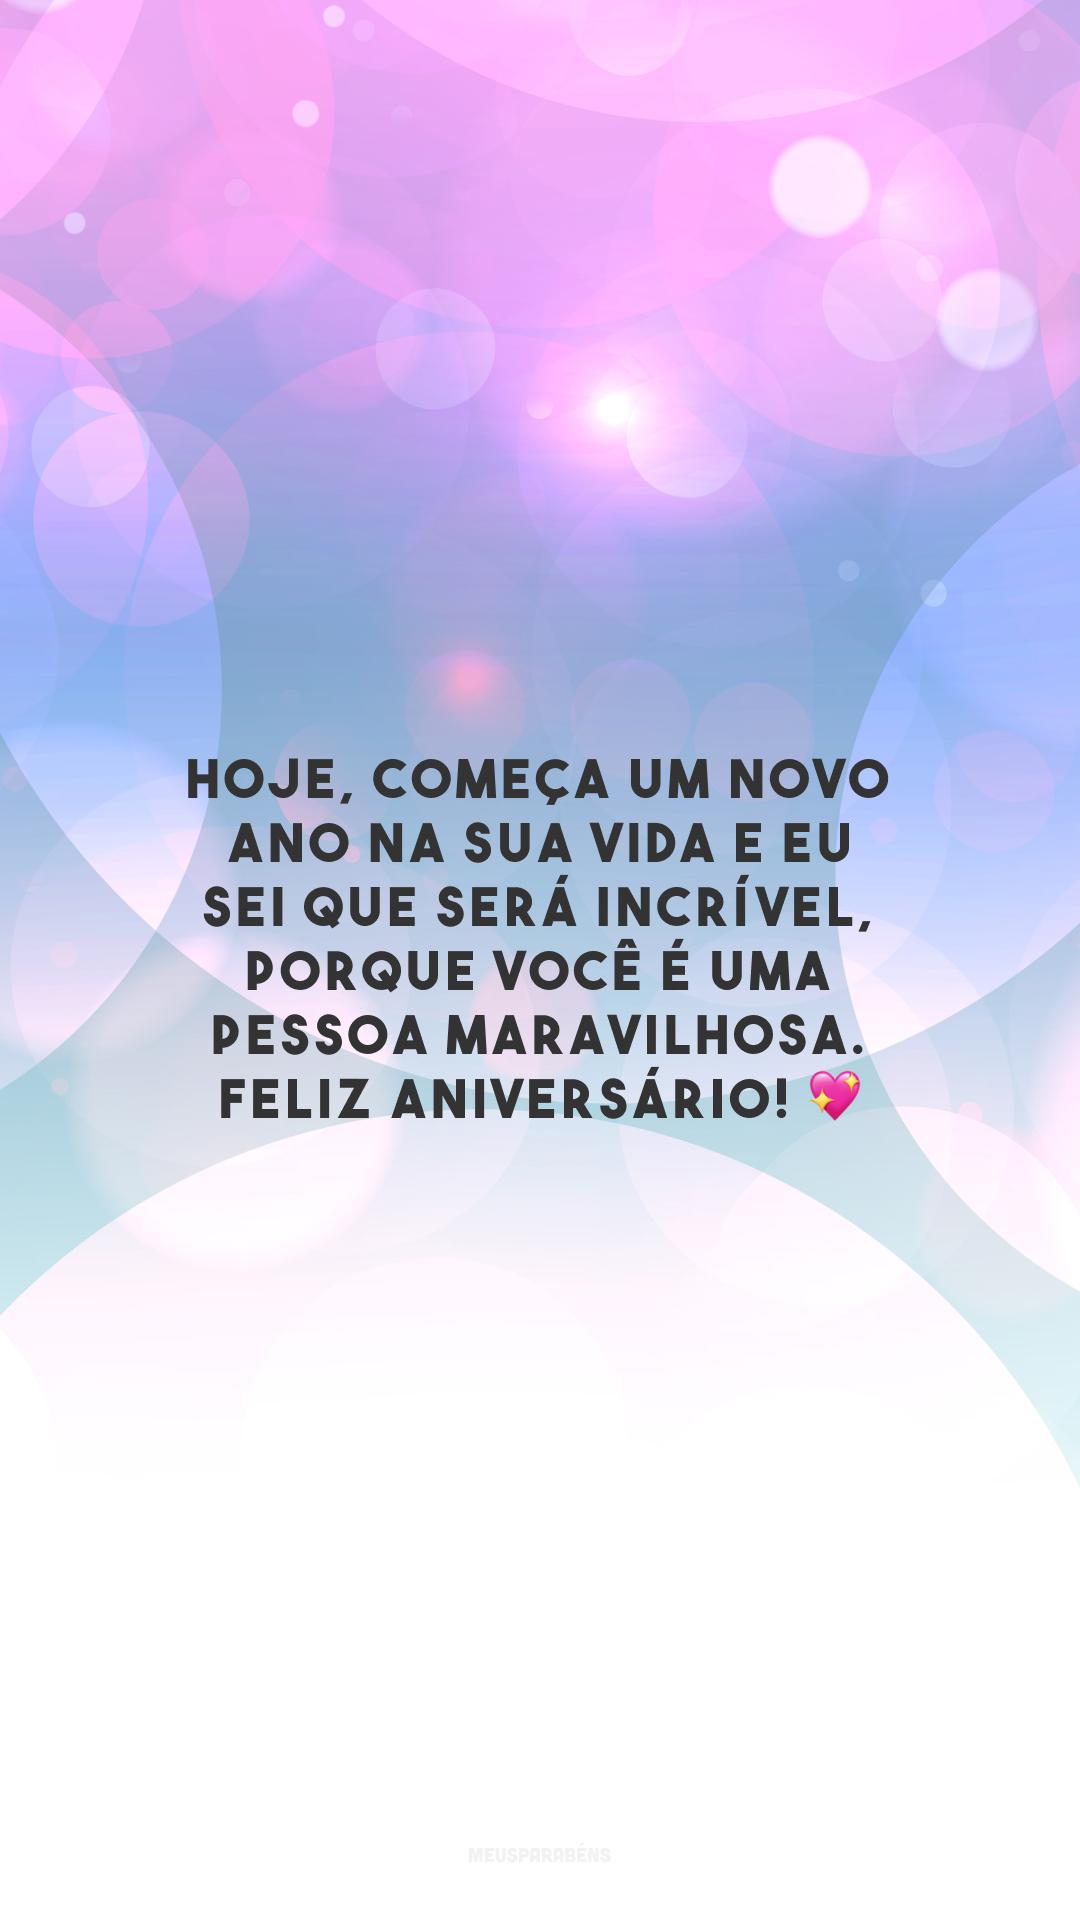 Hoje, começa um novo ano na sua vida e eu sei que será incrível, porque você é uma pessoa maravilhosa. Feliz aniversário! 💖